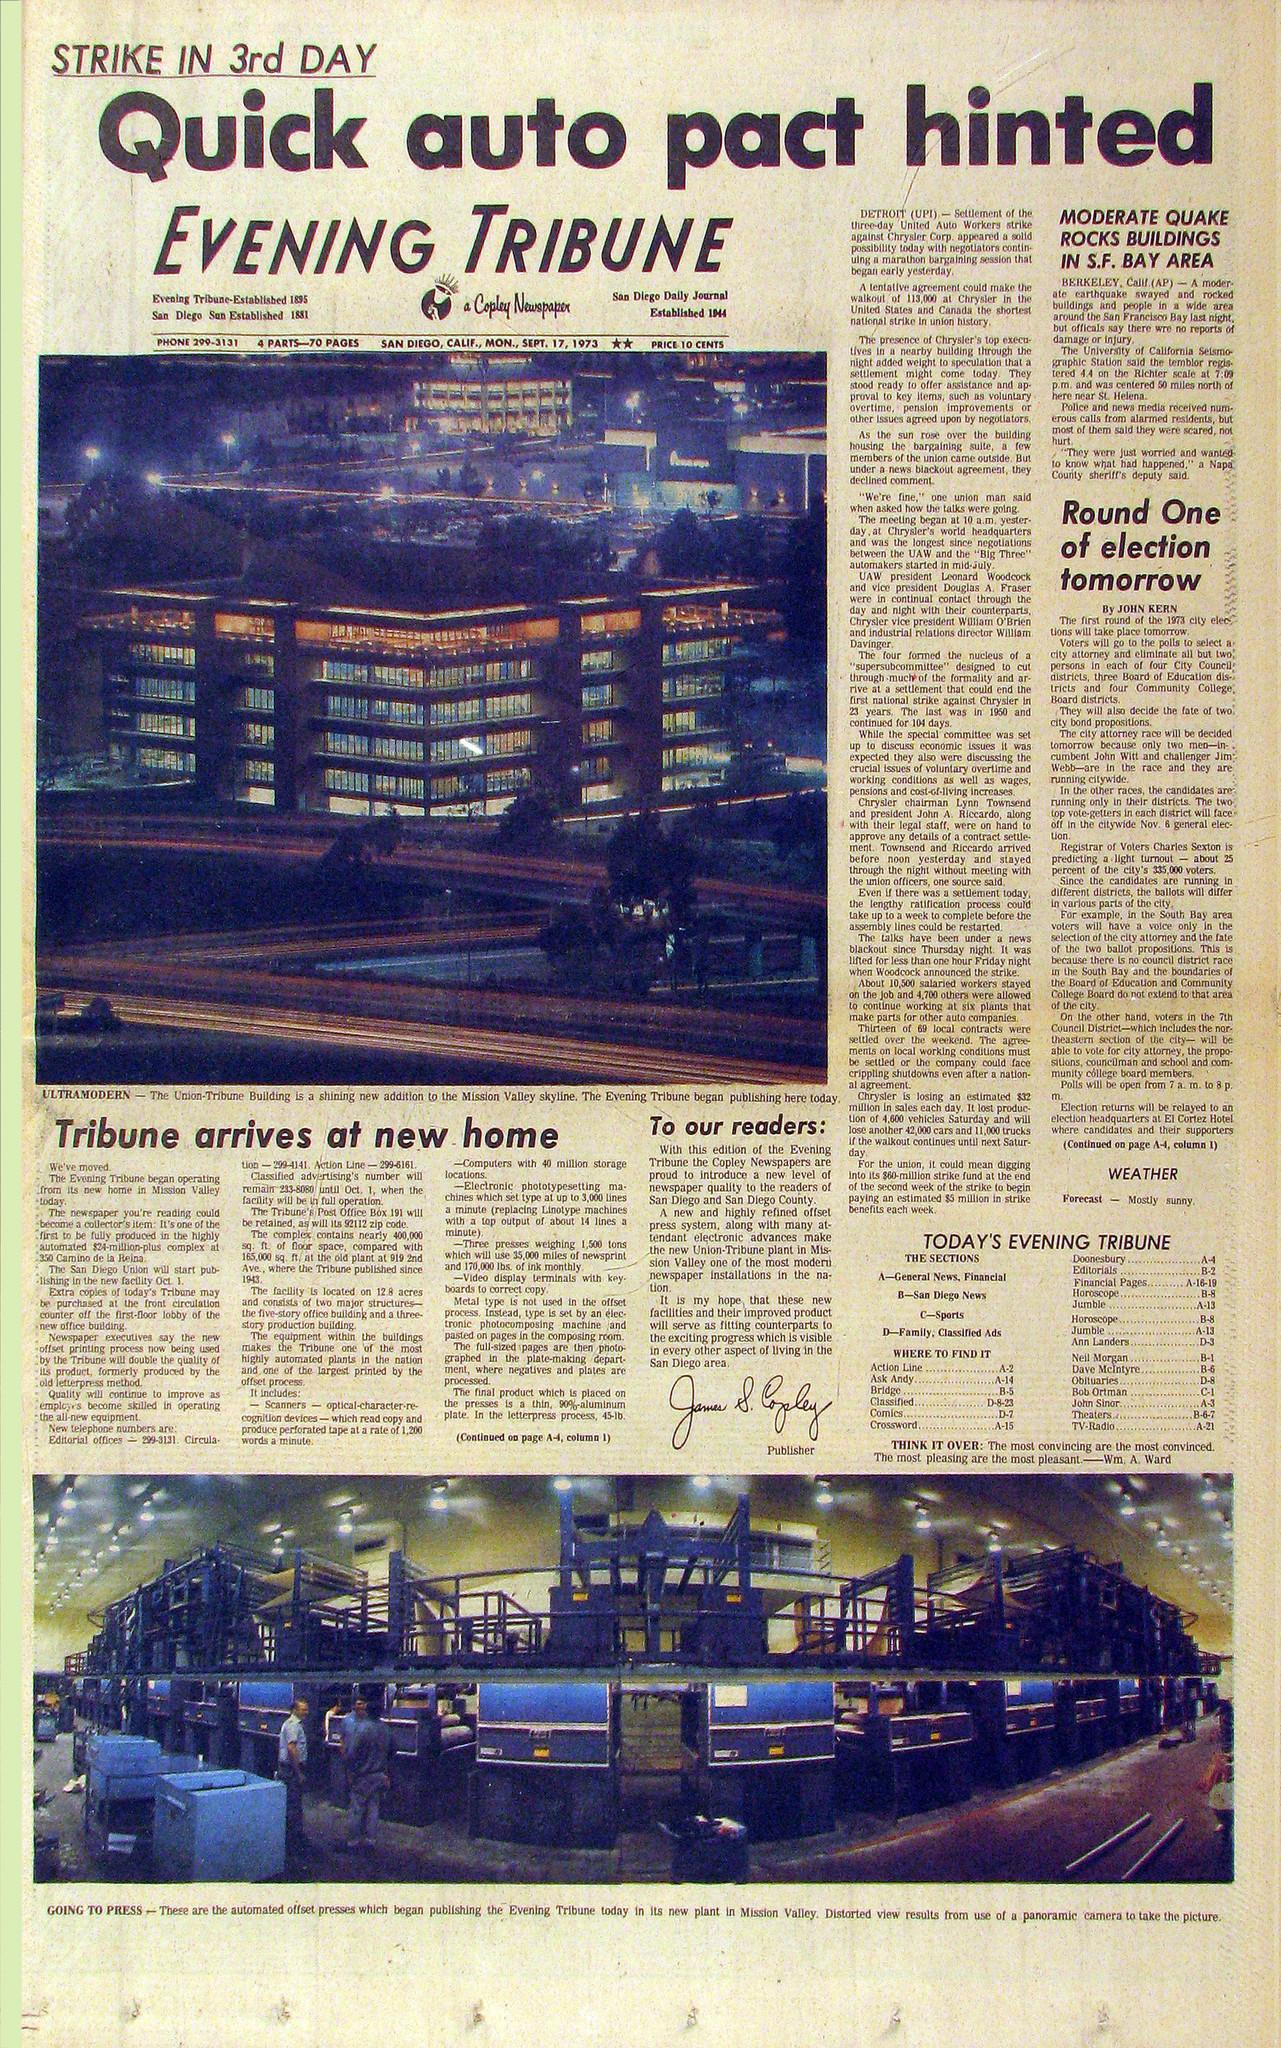 September 17, 1973